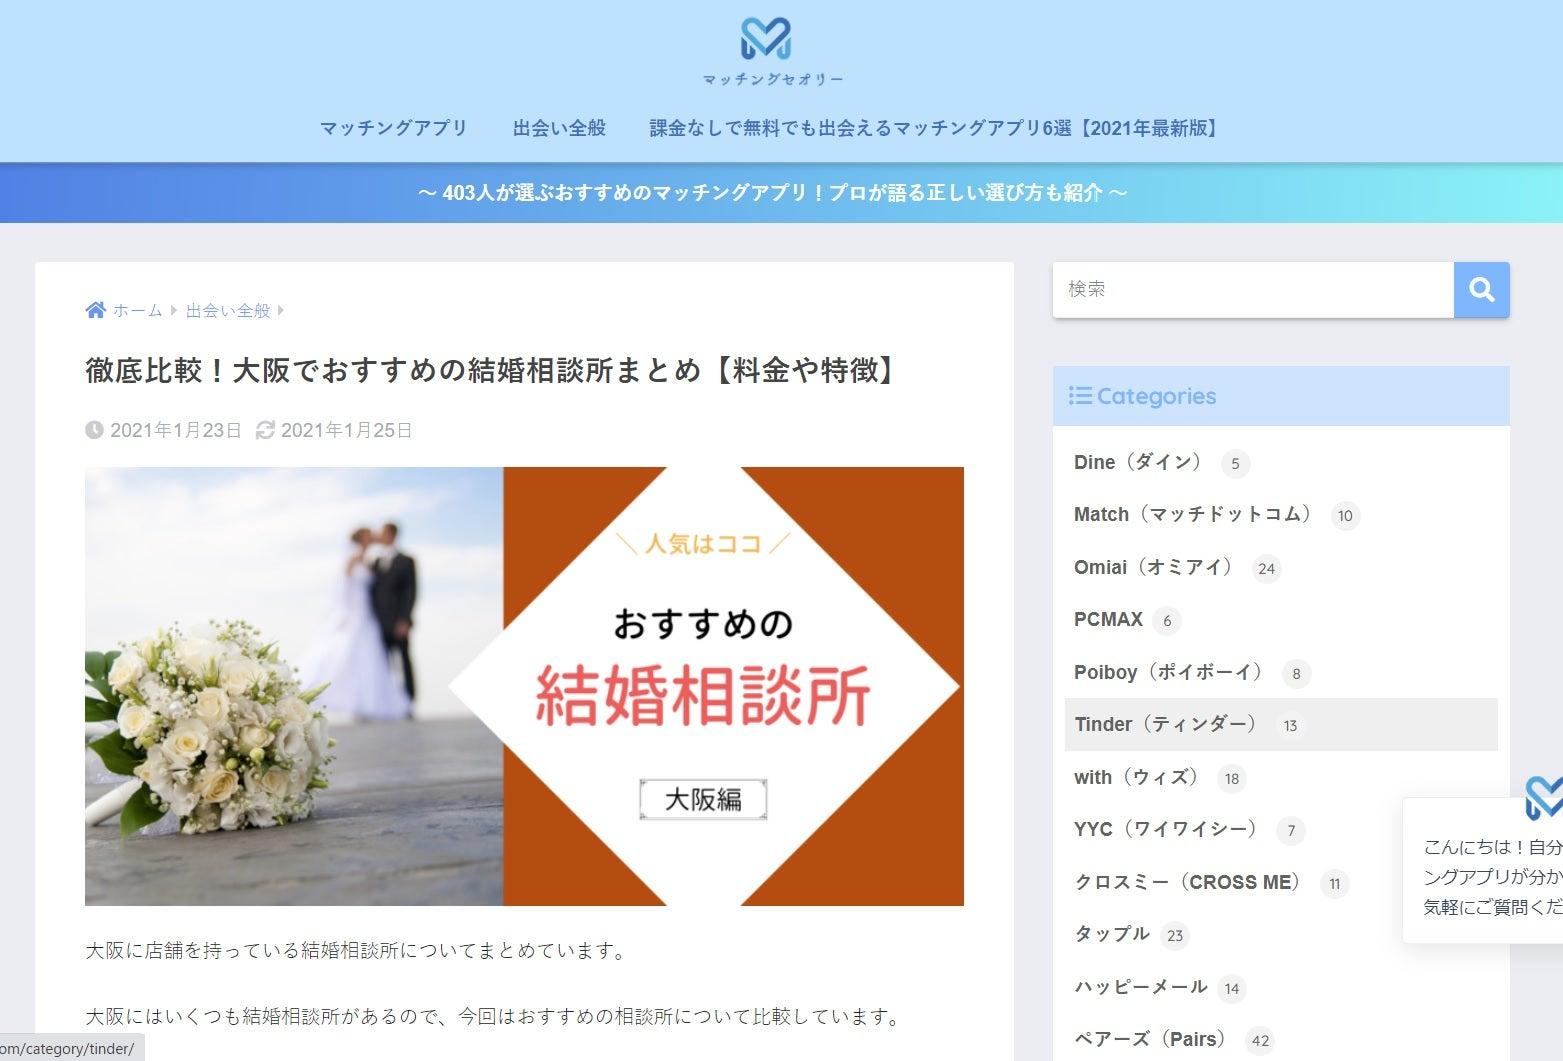 人気はココ!おすすめの結婚相談所(大阪編)に掲載されました。